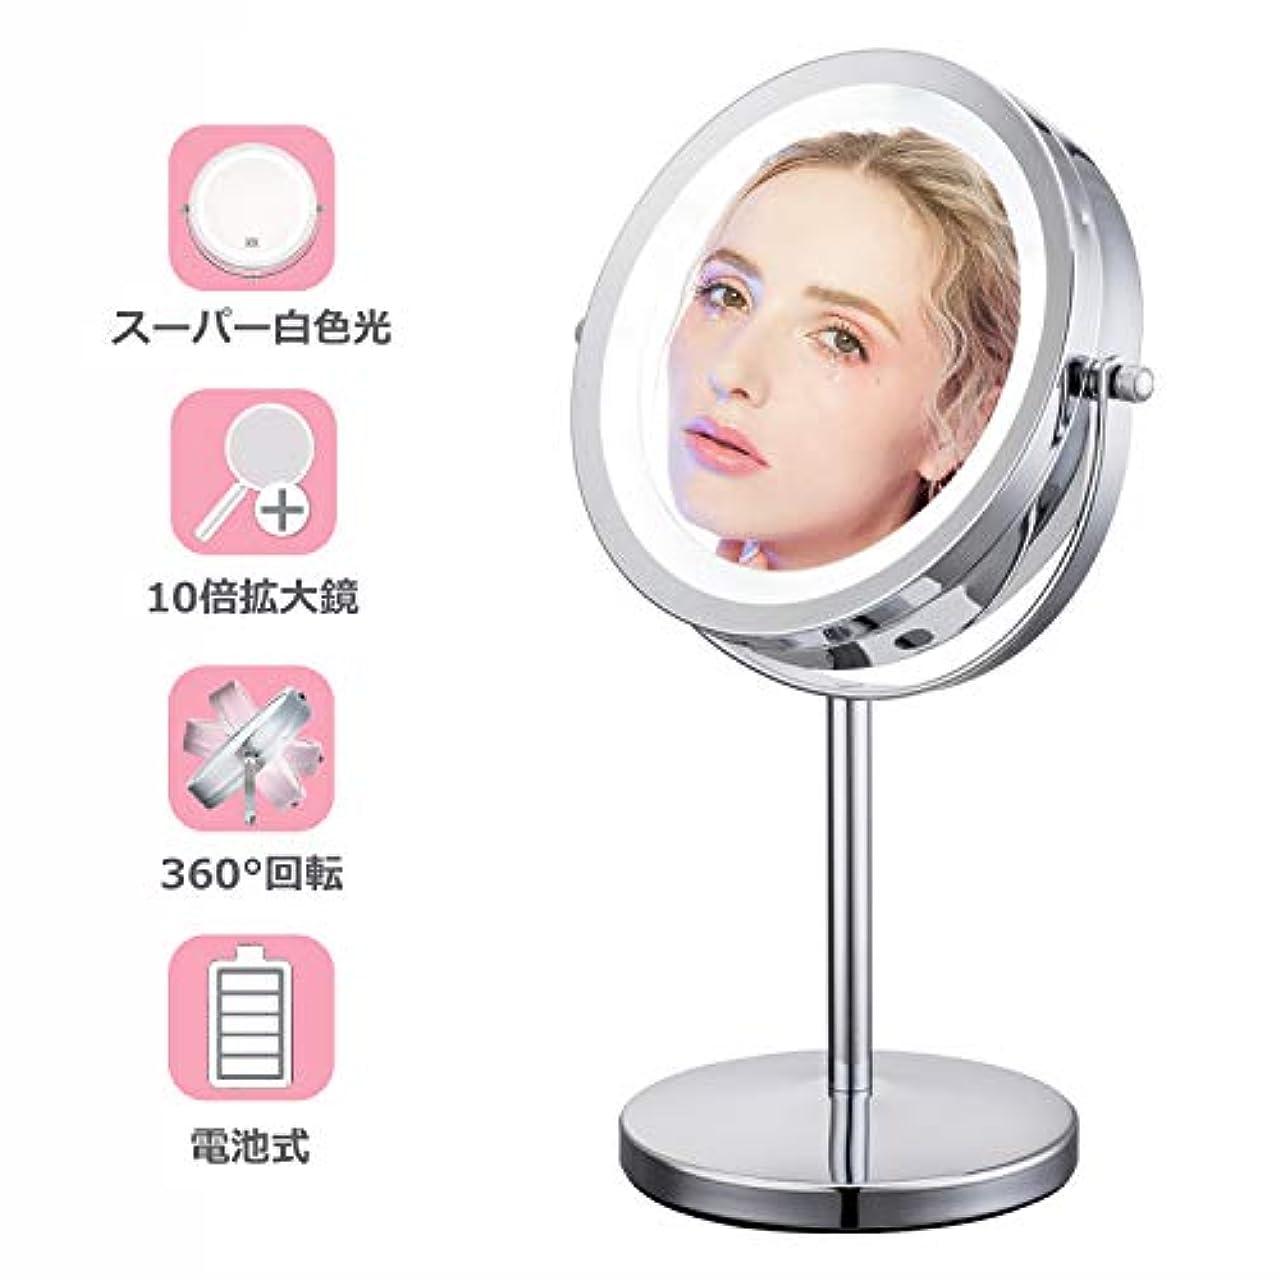 幻想的キネマティクス異邦人10倍拡大鏡 LEDライト付き 真実の両面鏡 360度回転 卓上鏡 スタンドミラー メイク 化粧道具 【Jeking】